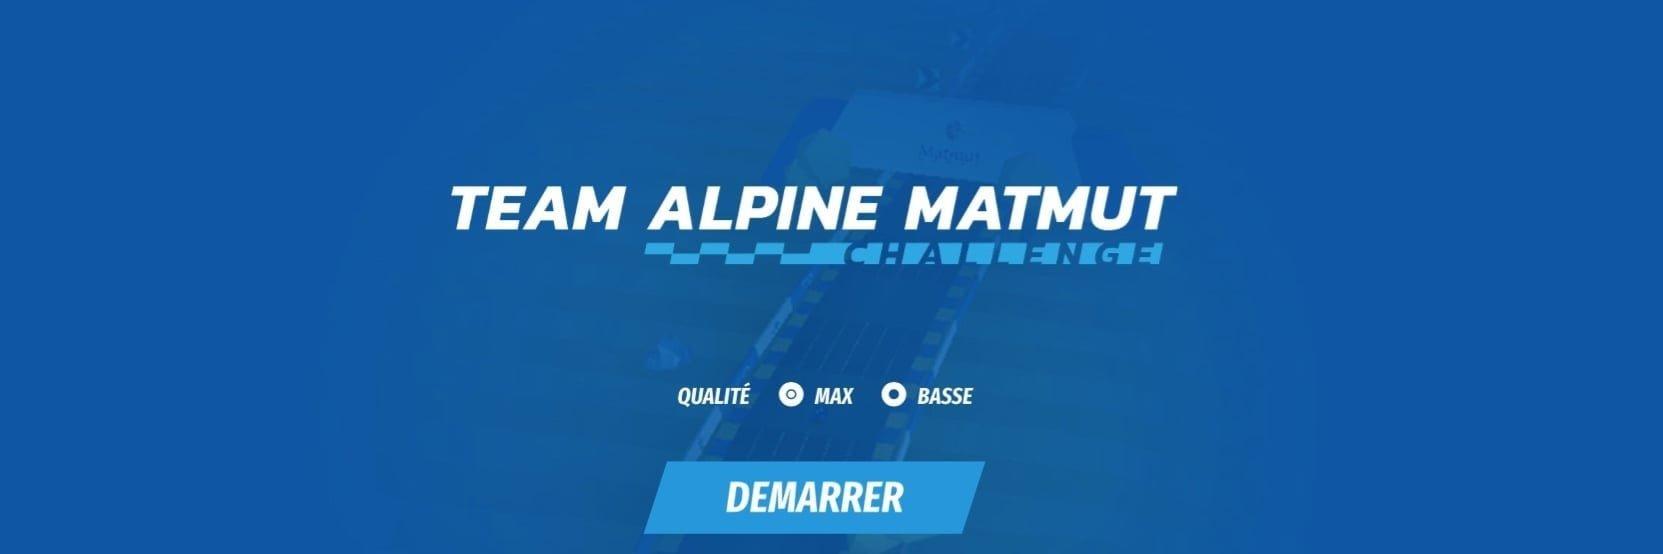 Team Alpine Matmut Challenge, le jeu concours !